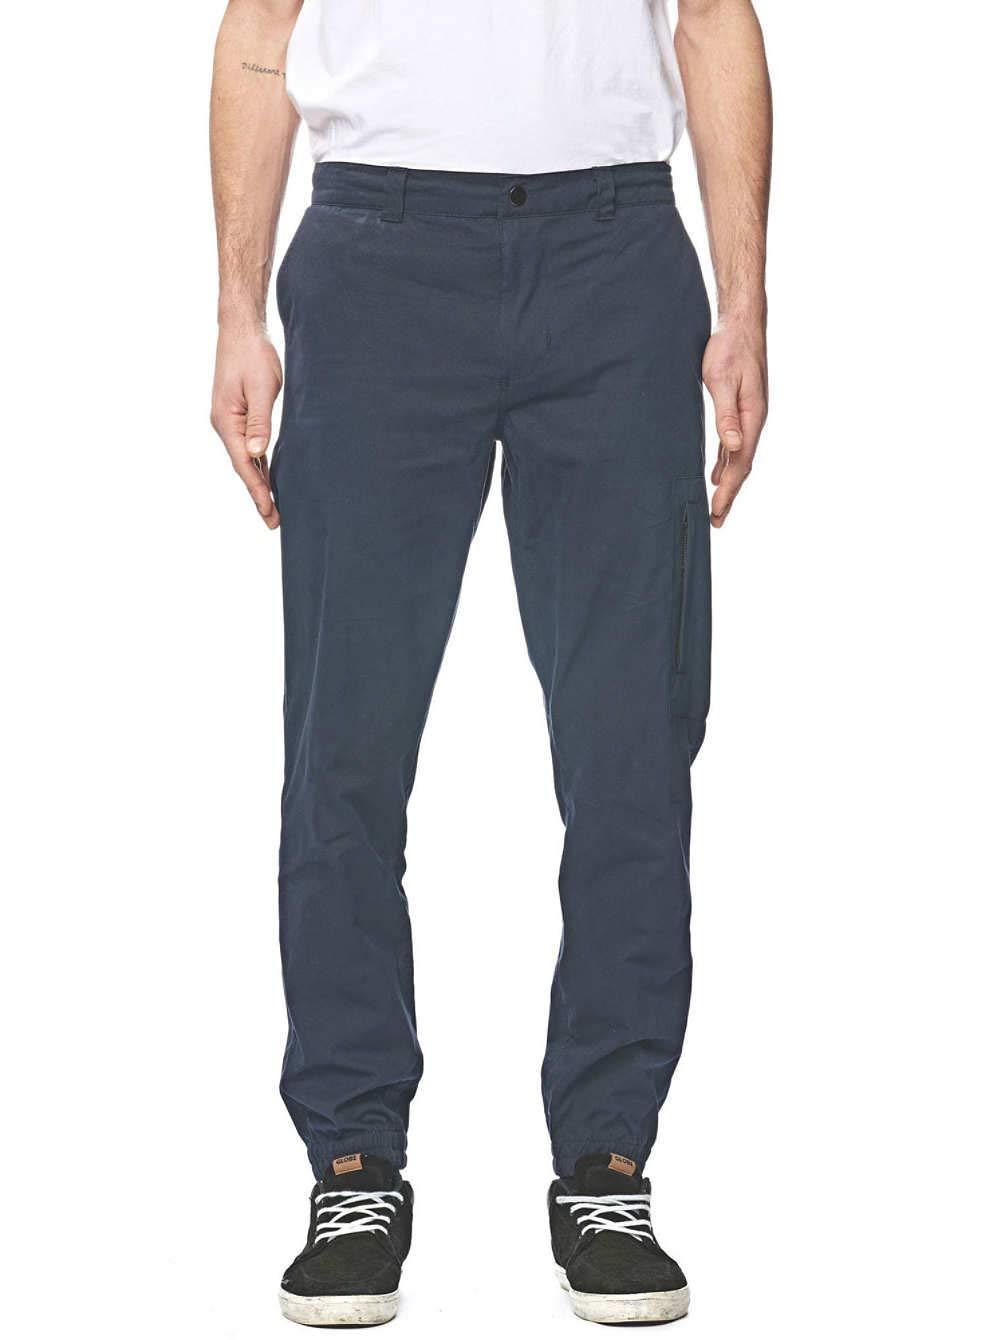 Globe Corp Jogger - Pantalon, Hombre, Gris(Granite)